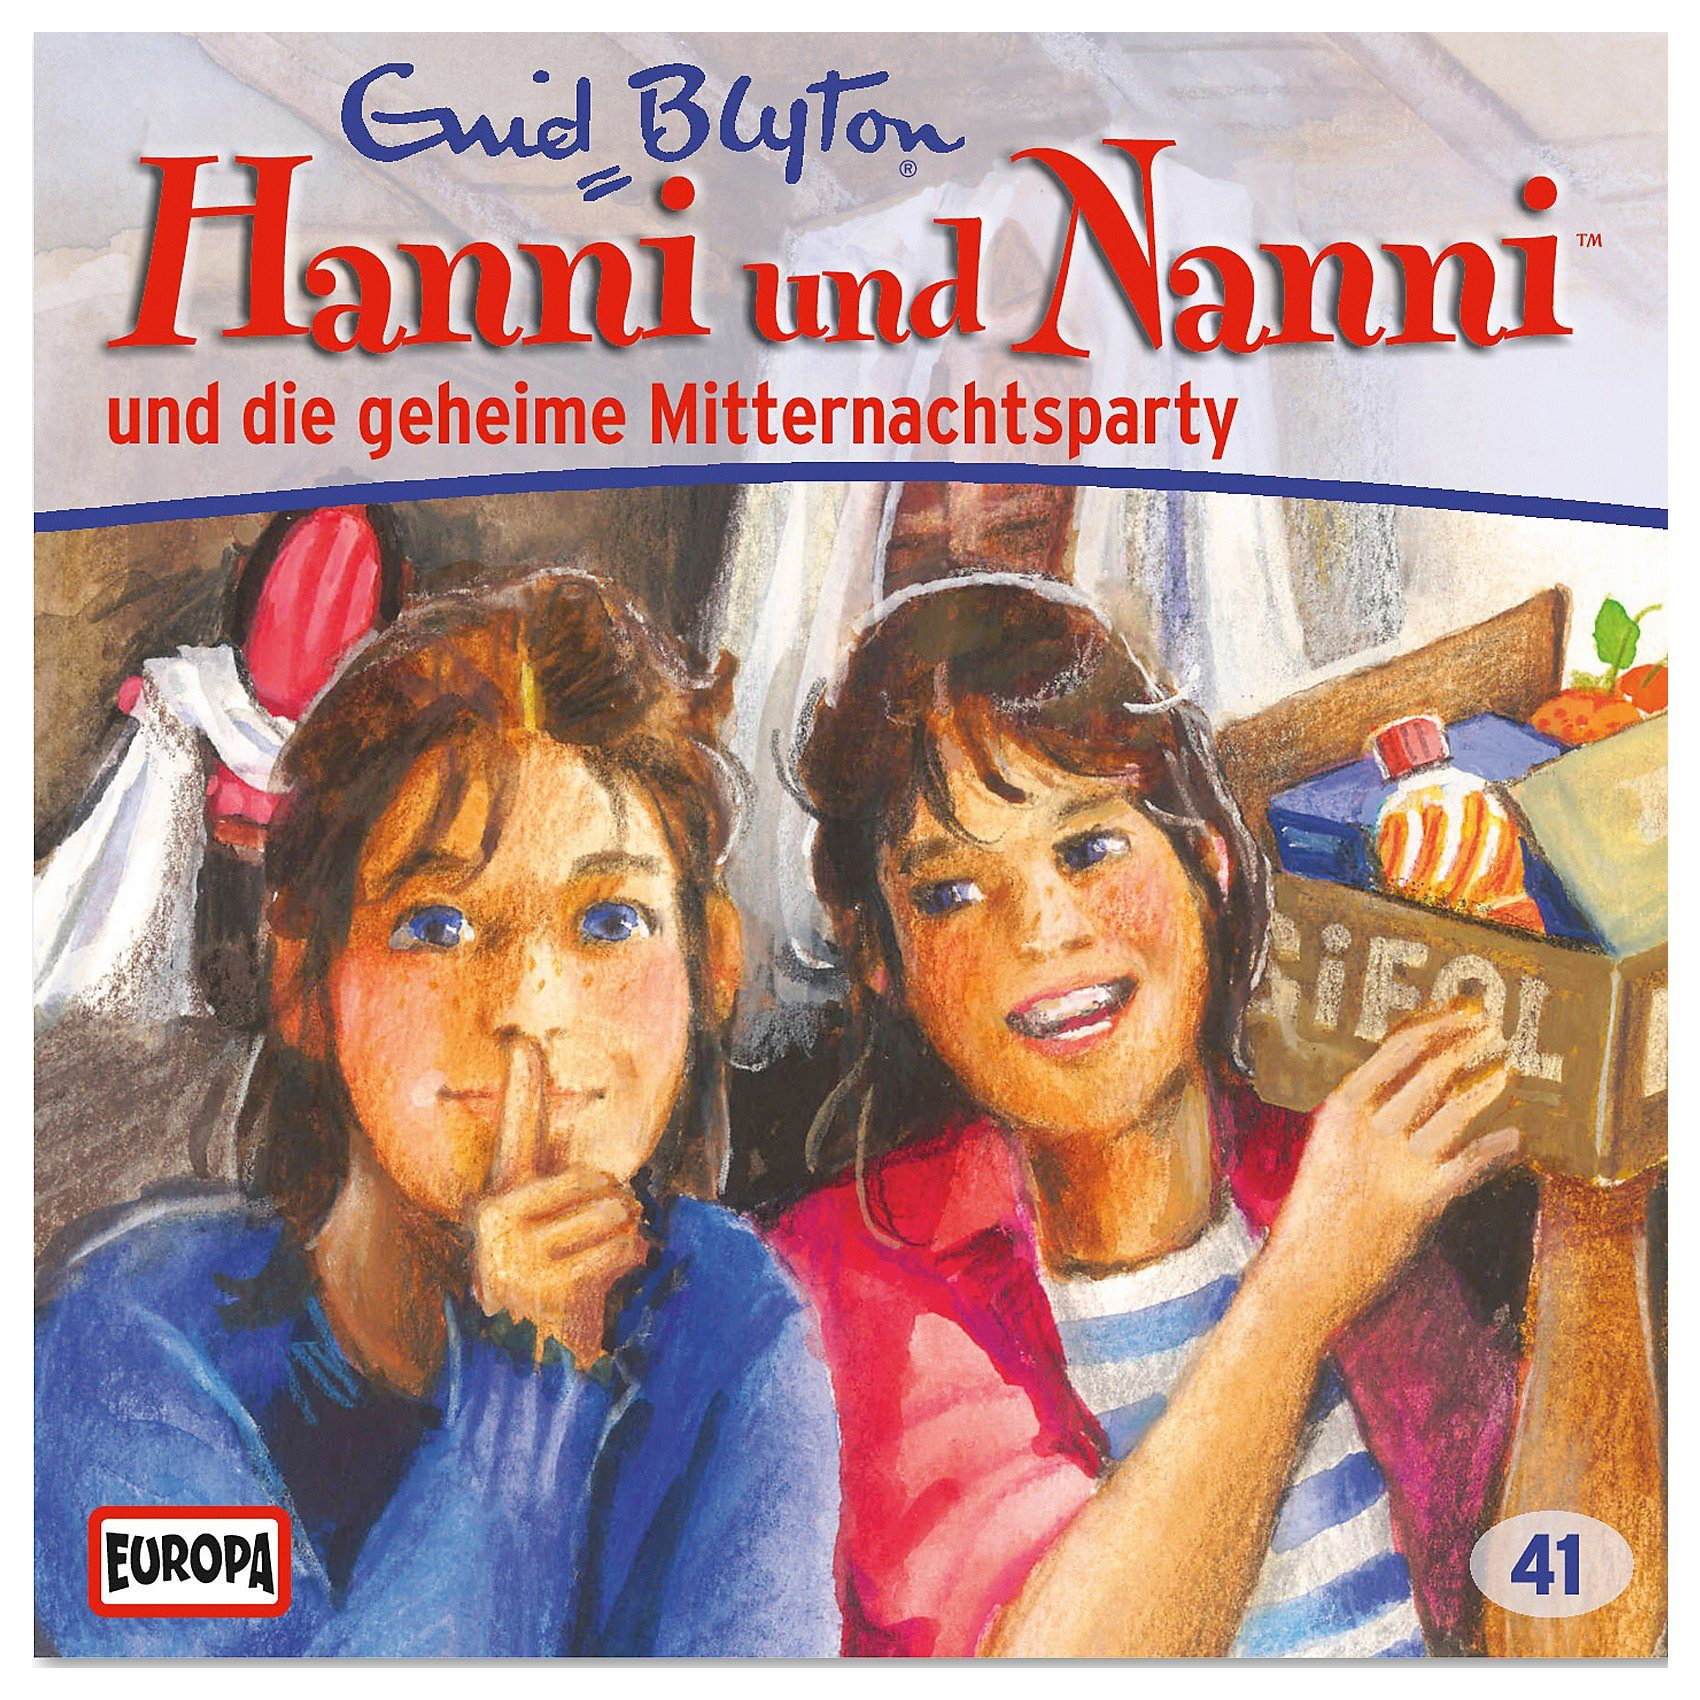 Sony CD Hanni & Nanni 41 - und die geheime Mitternachtsparty